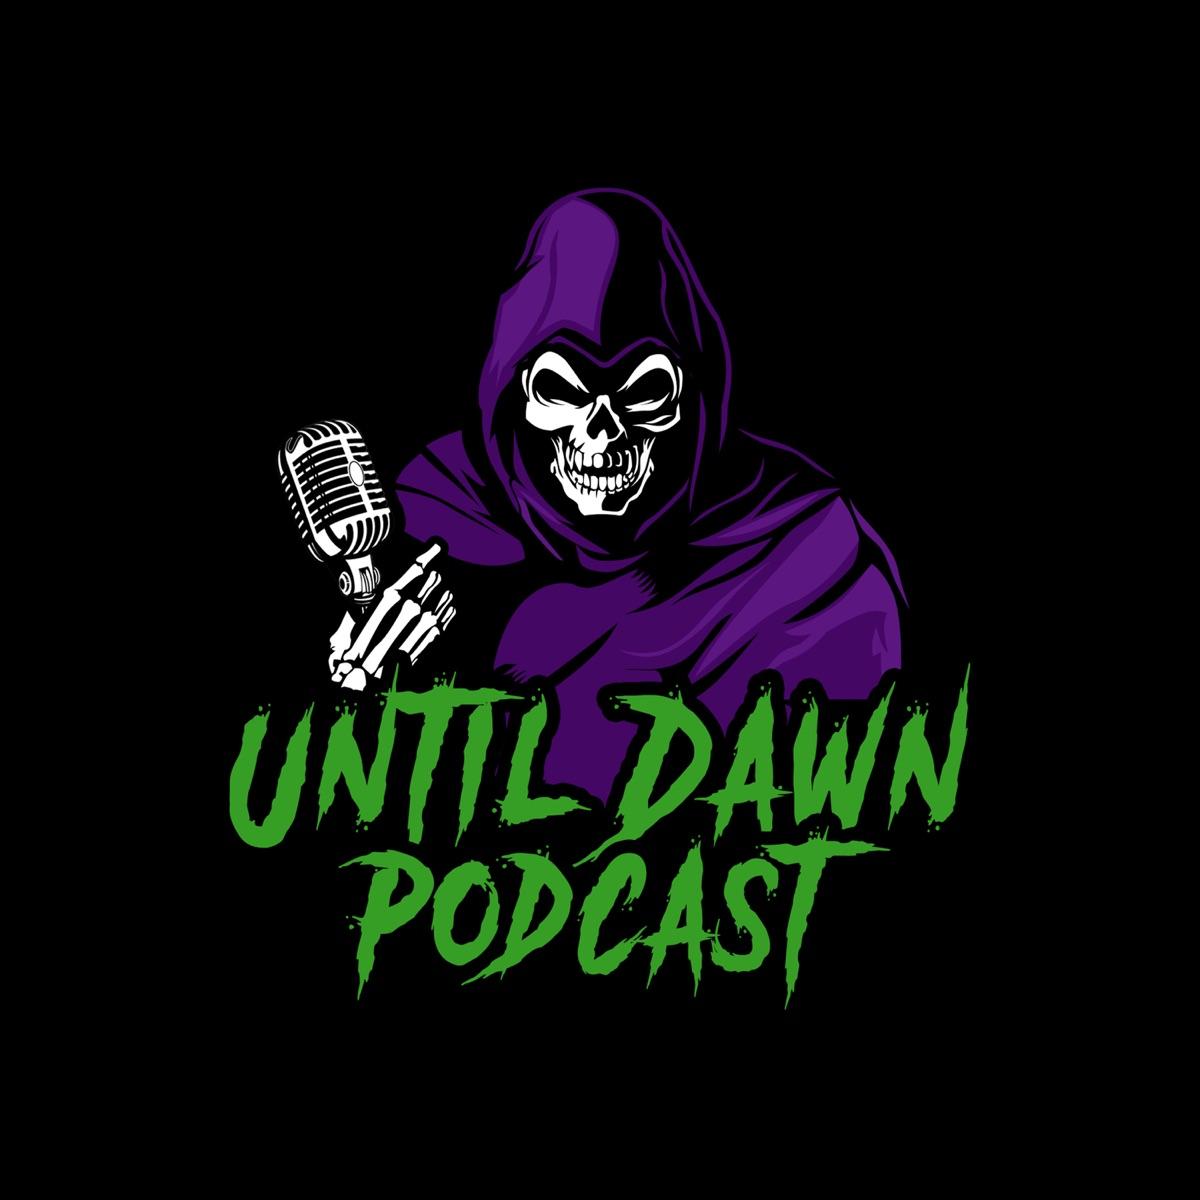 Until Dawn Podcast